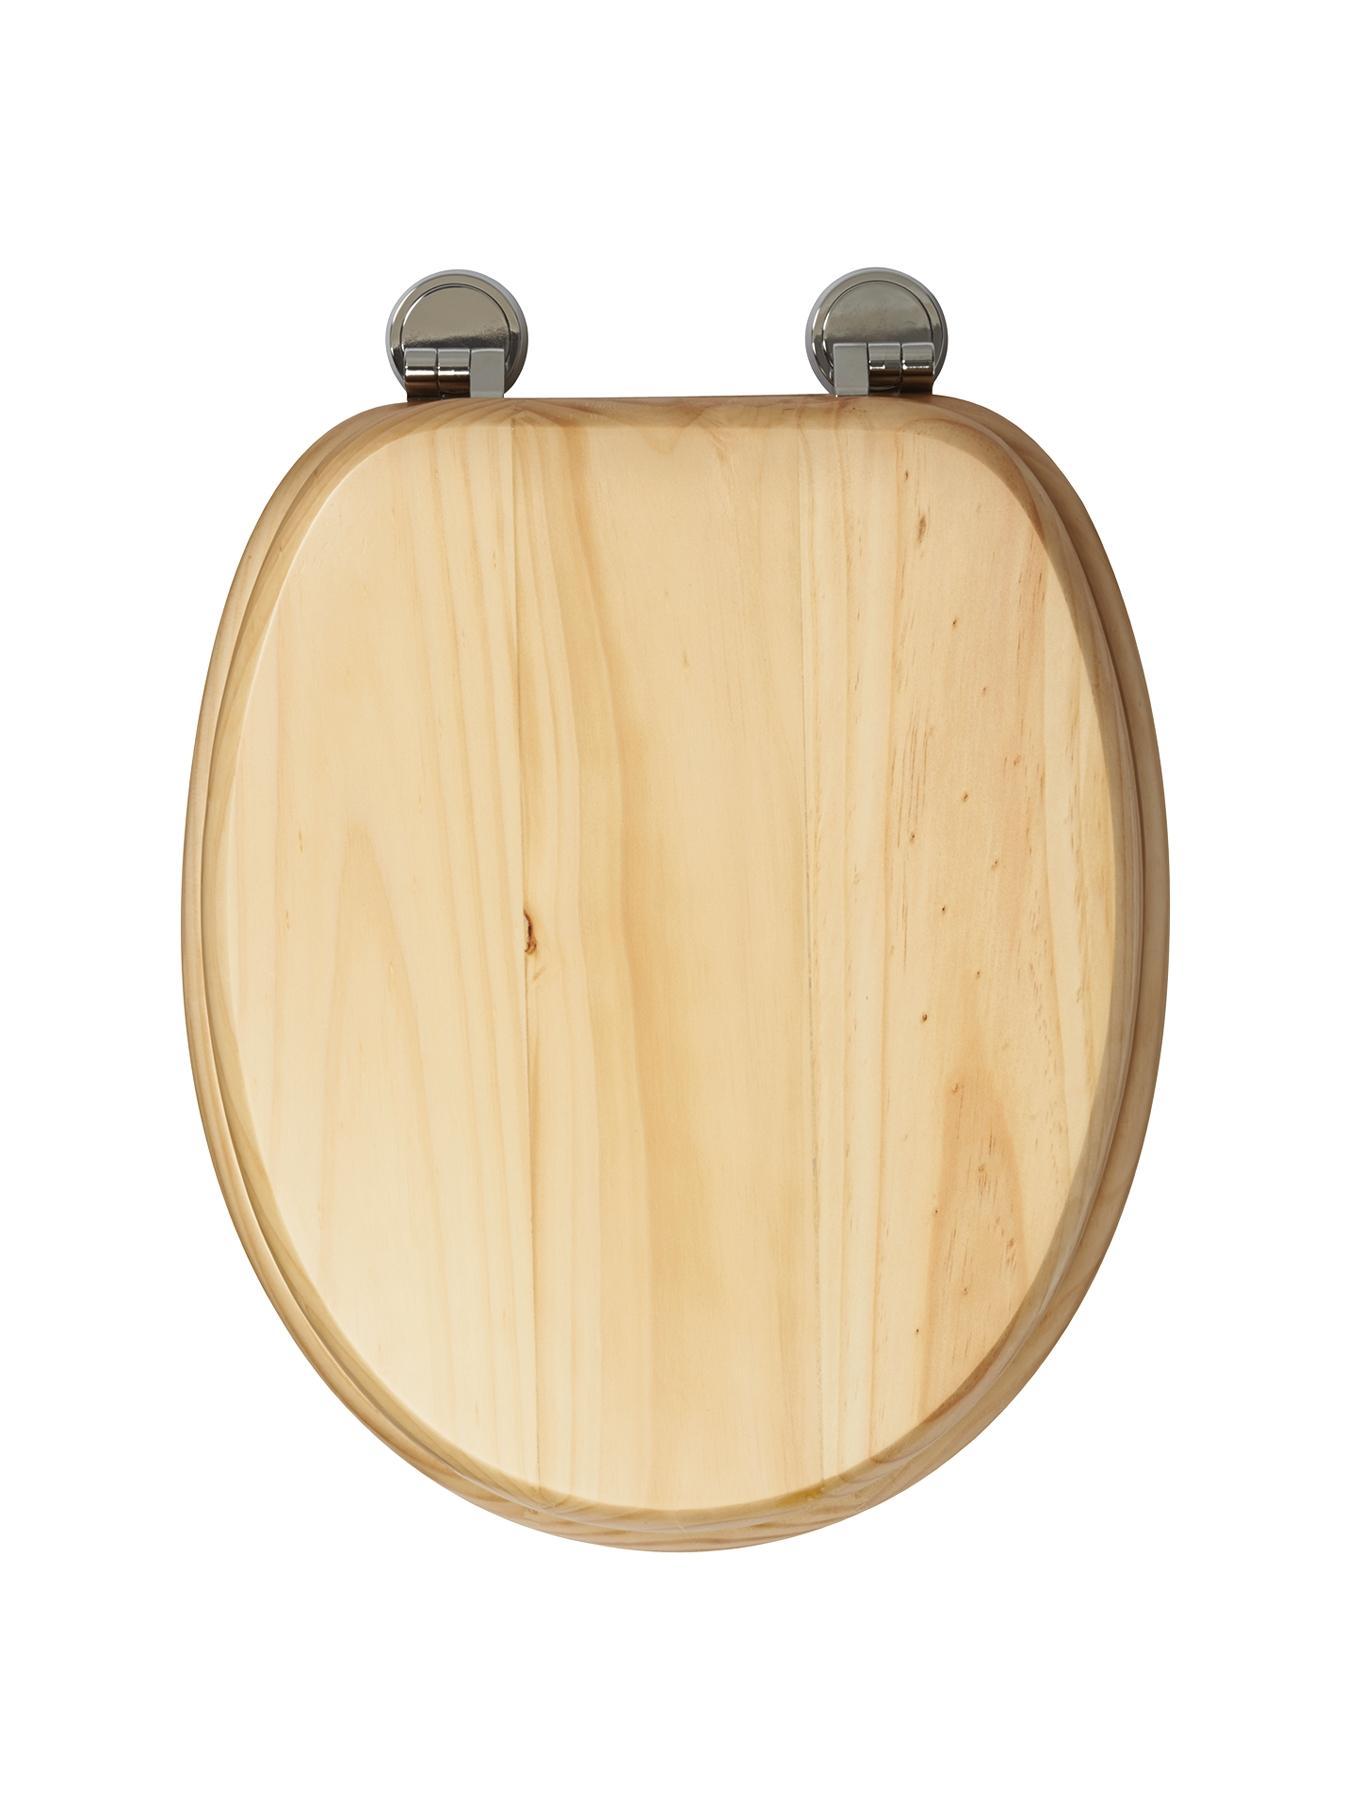 Croydex Douglas Natural Pine Toilet Seat